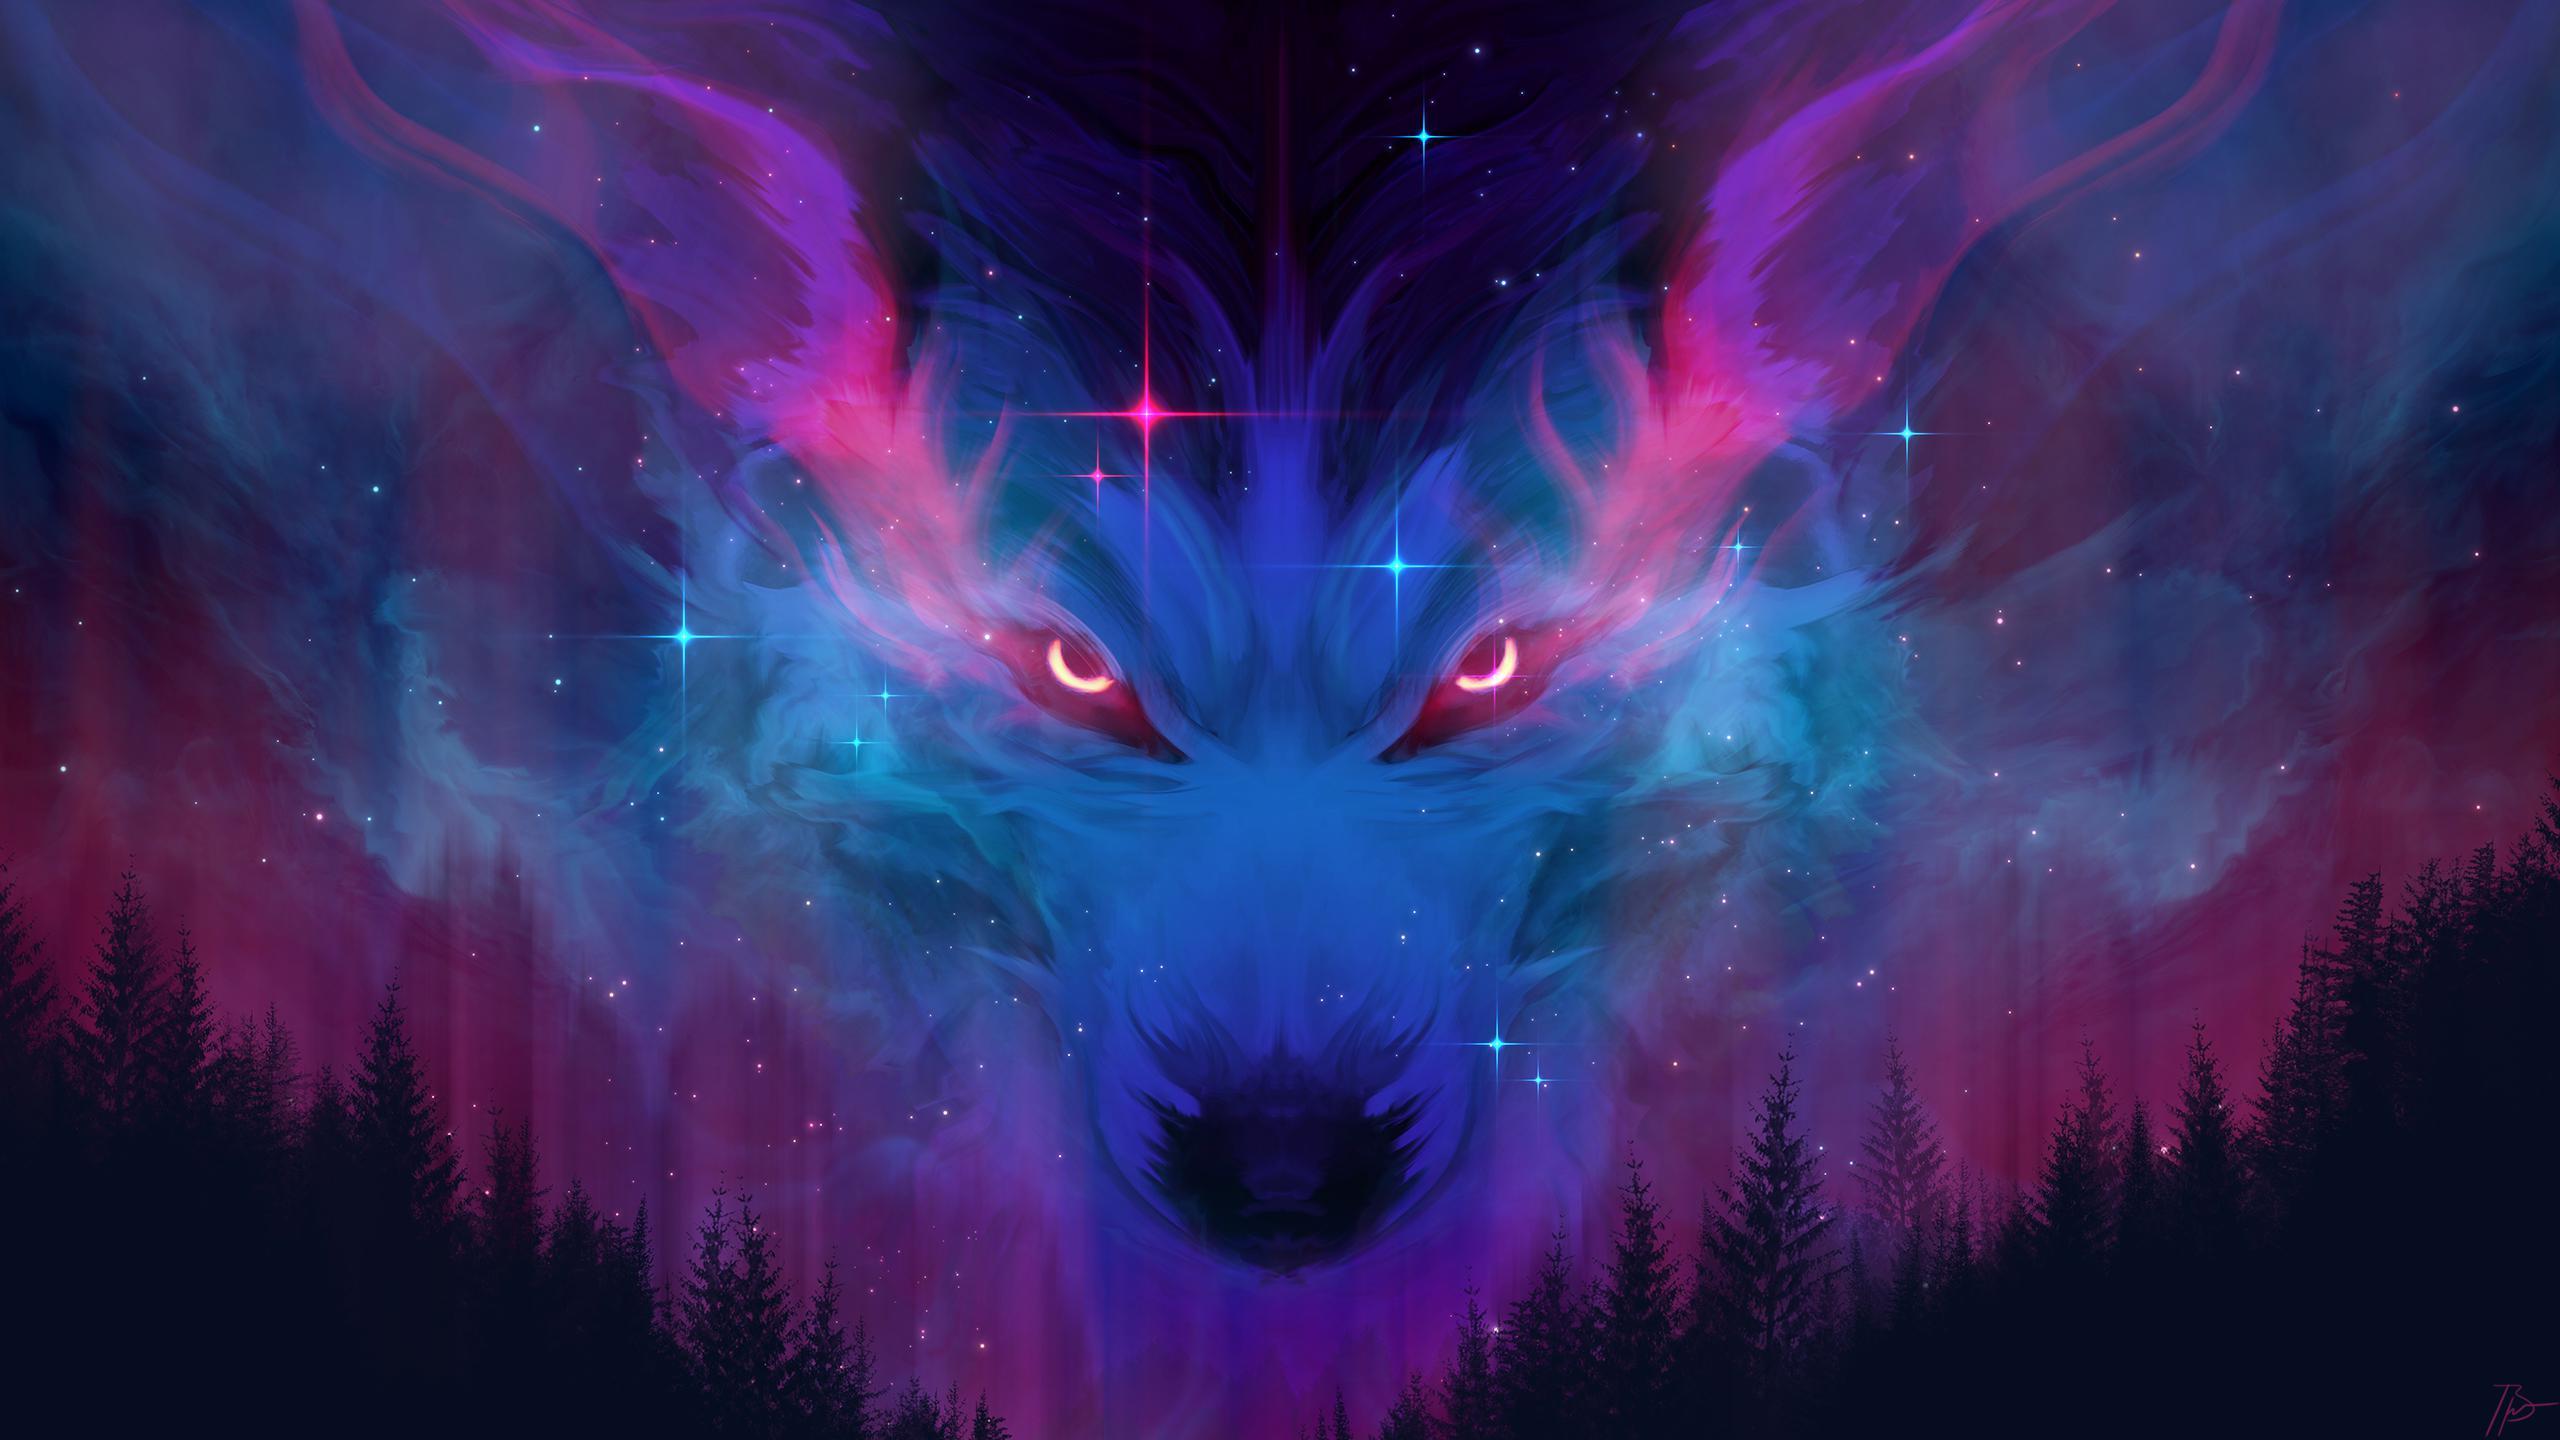 251 2513283 3d wolf wallpaper